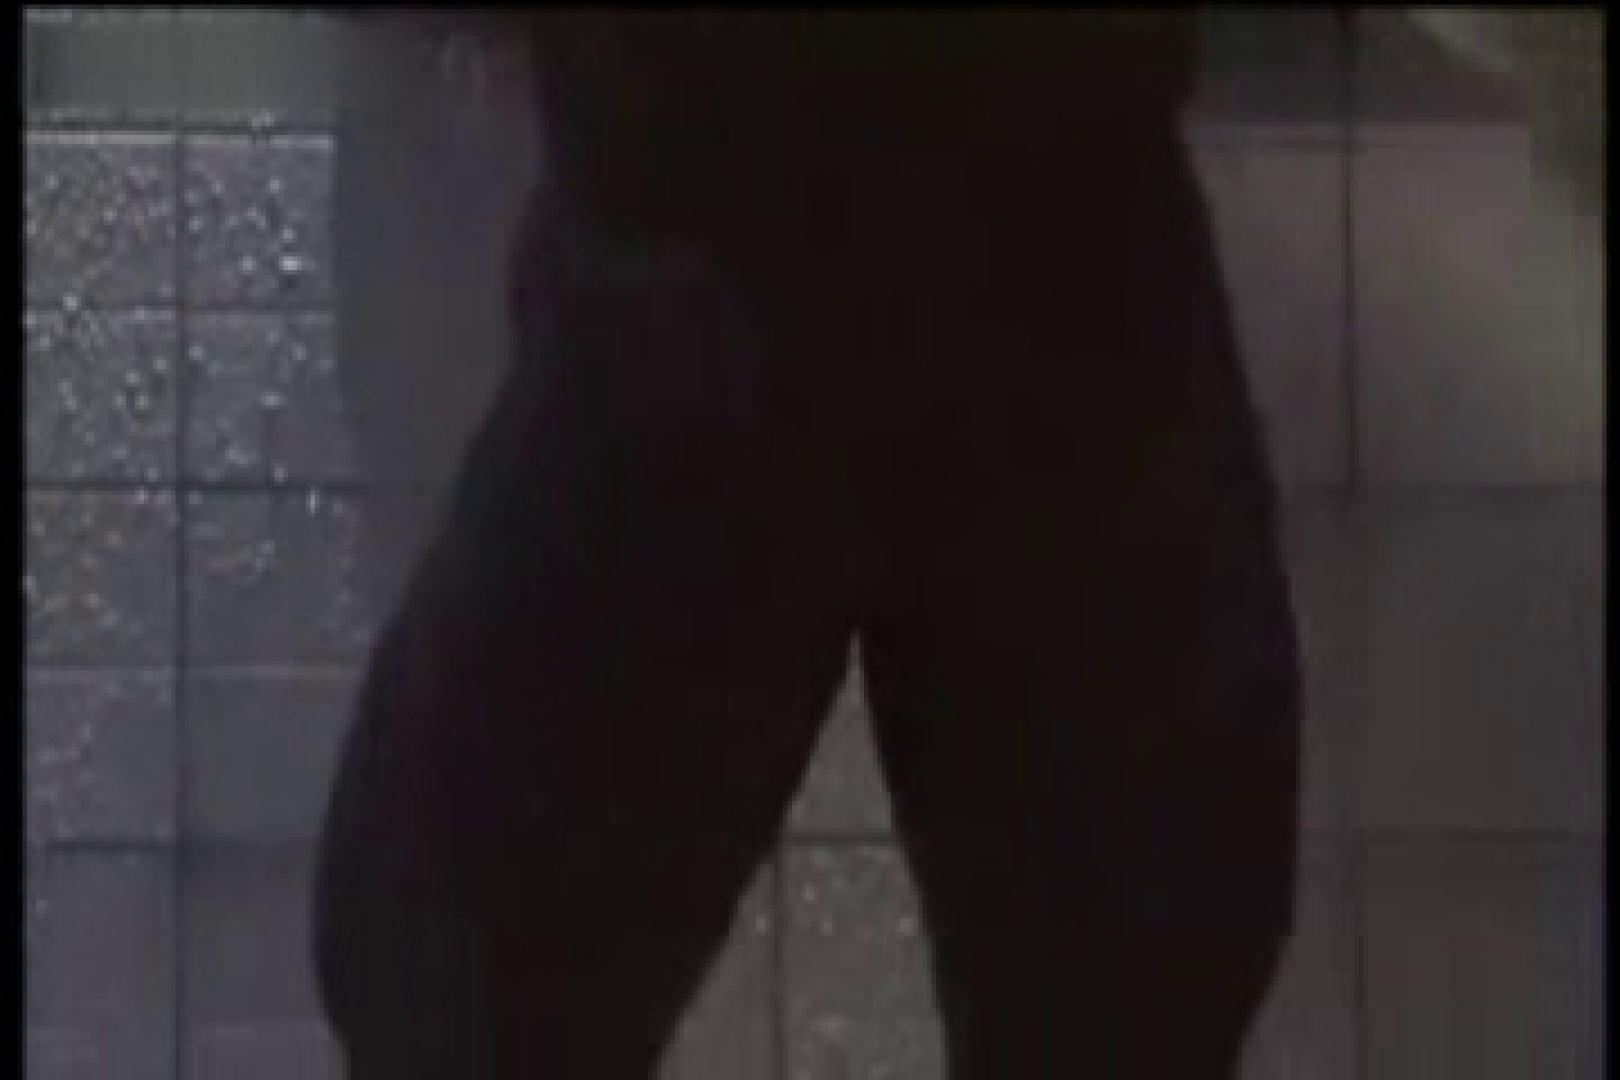 中出有名ゲイ雑誌★魅力●生★付録DVD収録スーパーモデルヌードvol9 ヌード   イメージ(裸) ゲイ丸見え画像 11連発 2